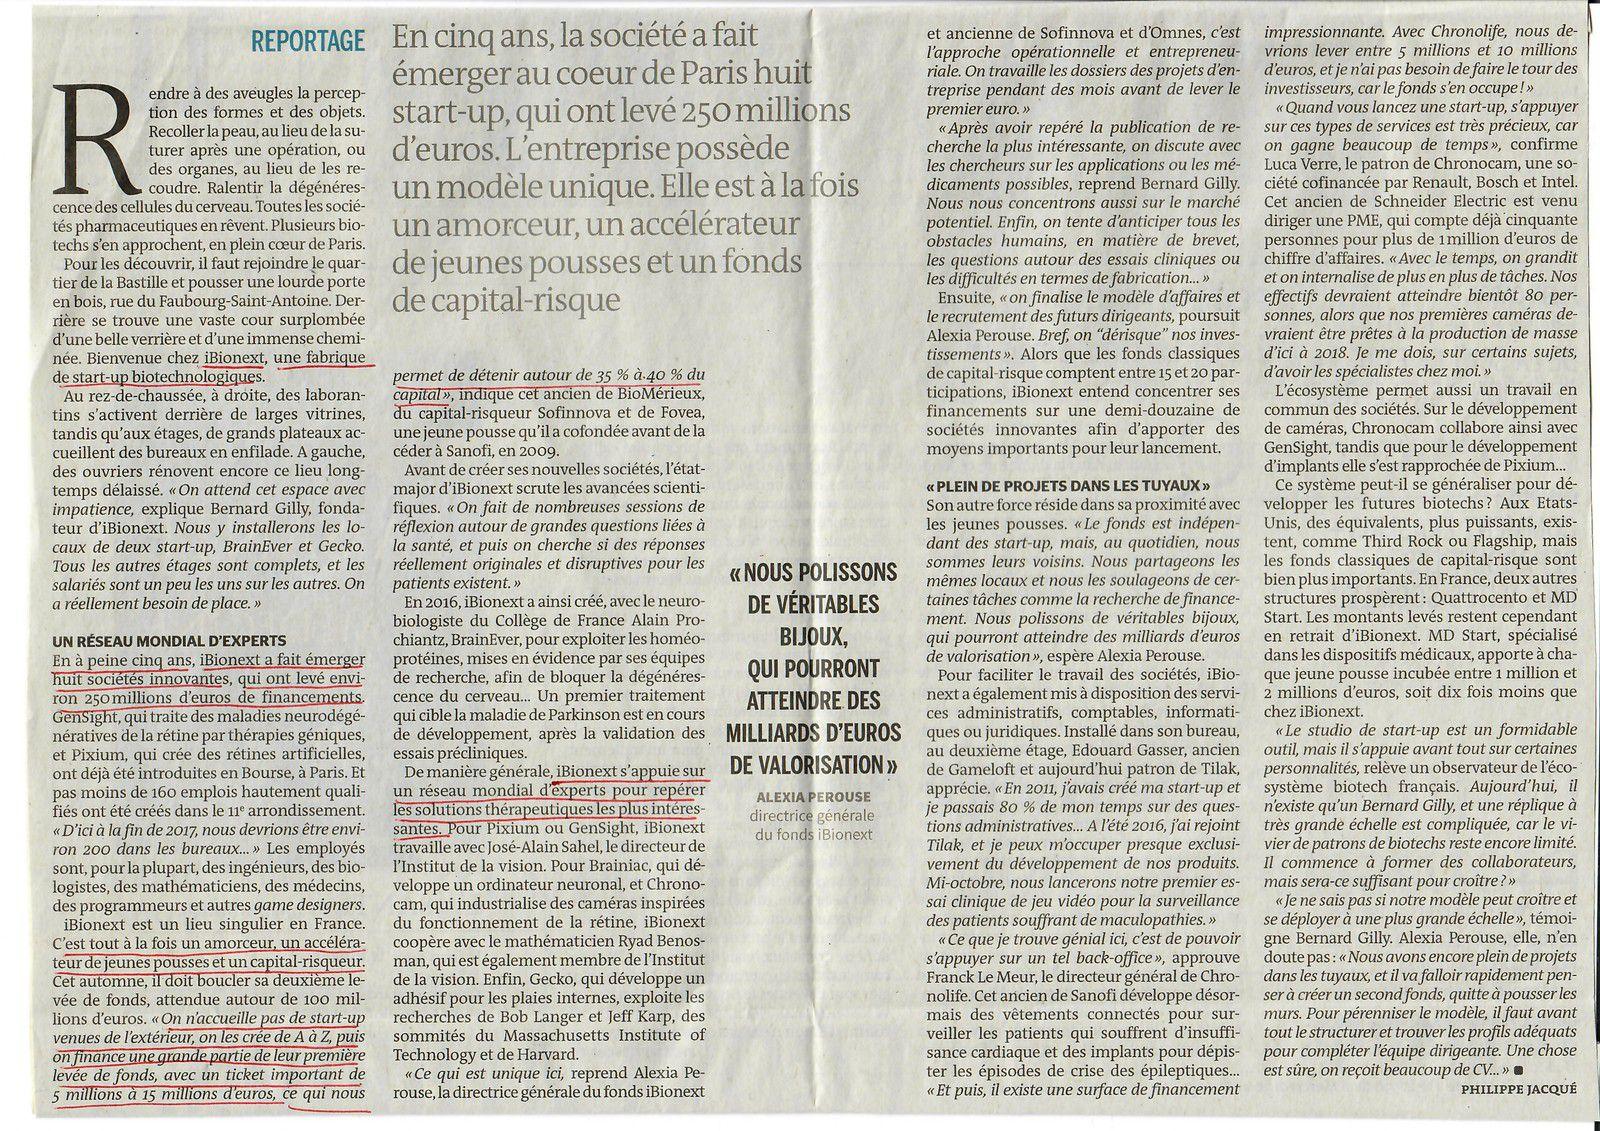 Vu et lu dans Le Monde du 30/08/17